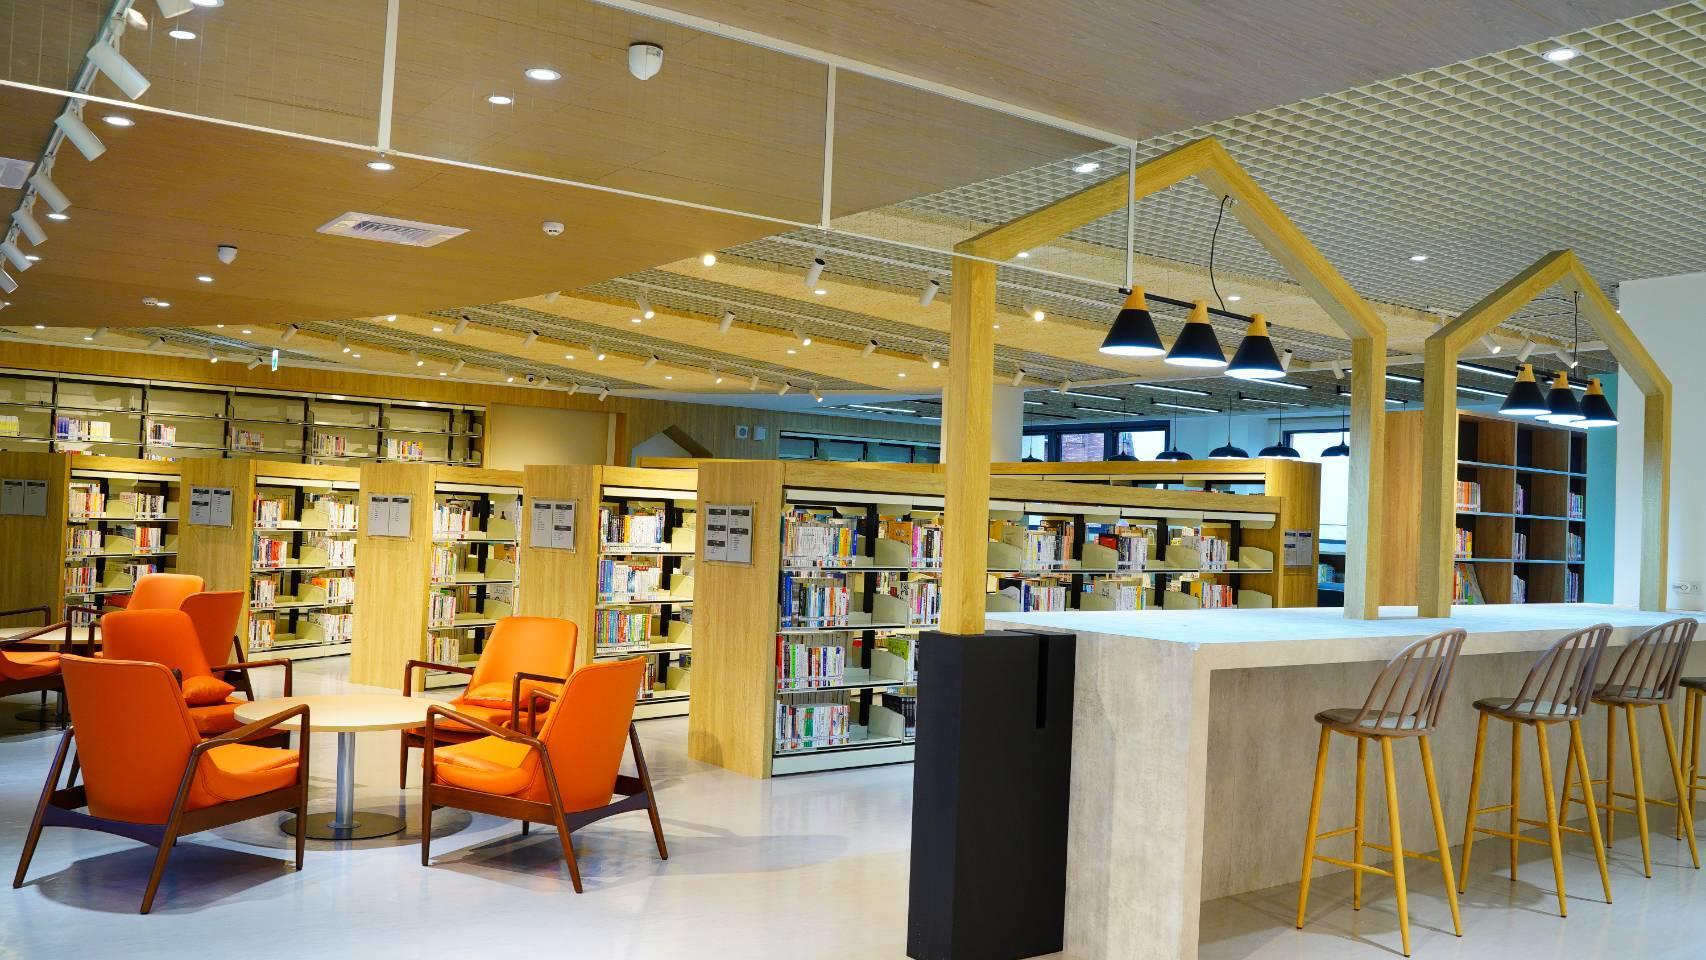 109年度辦理成果-西林圖書閱覽室4